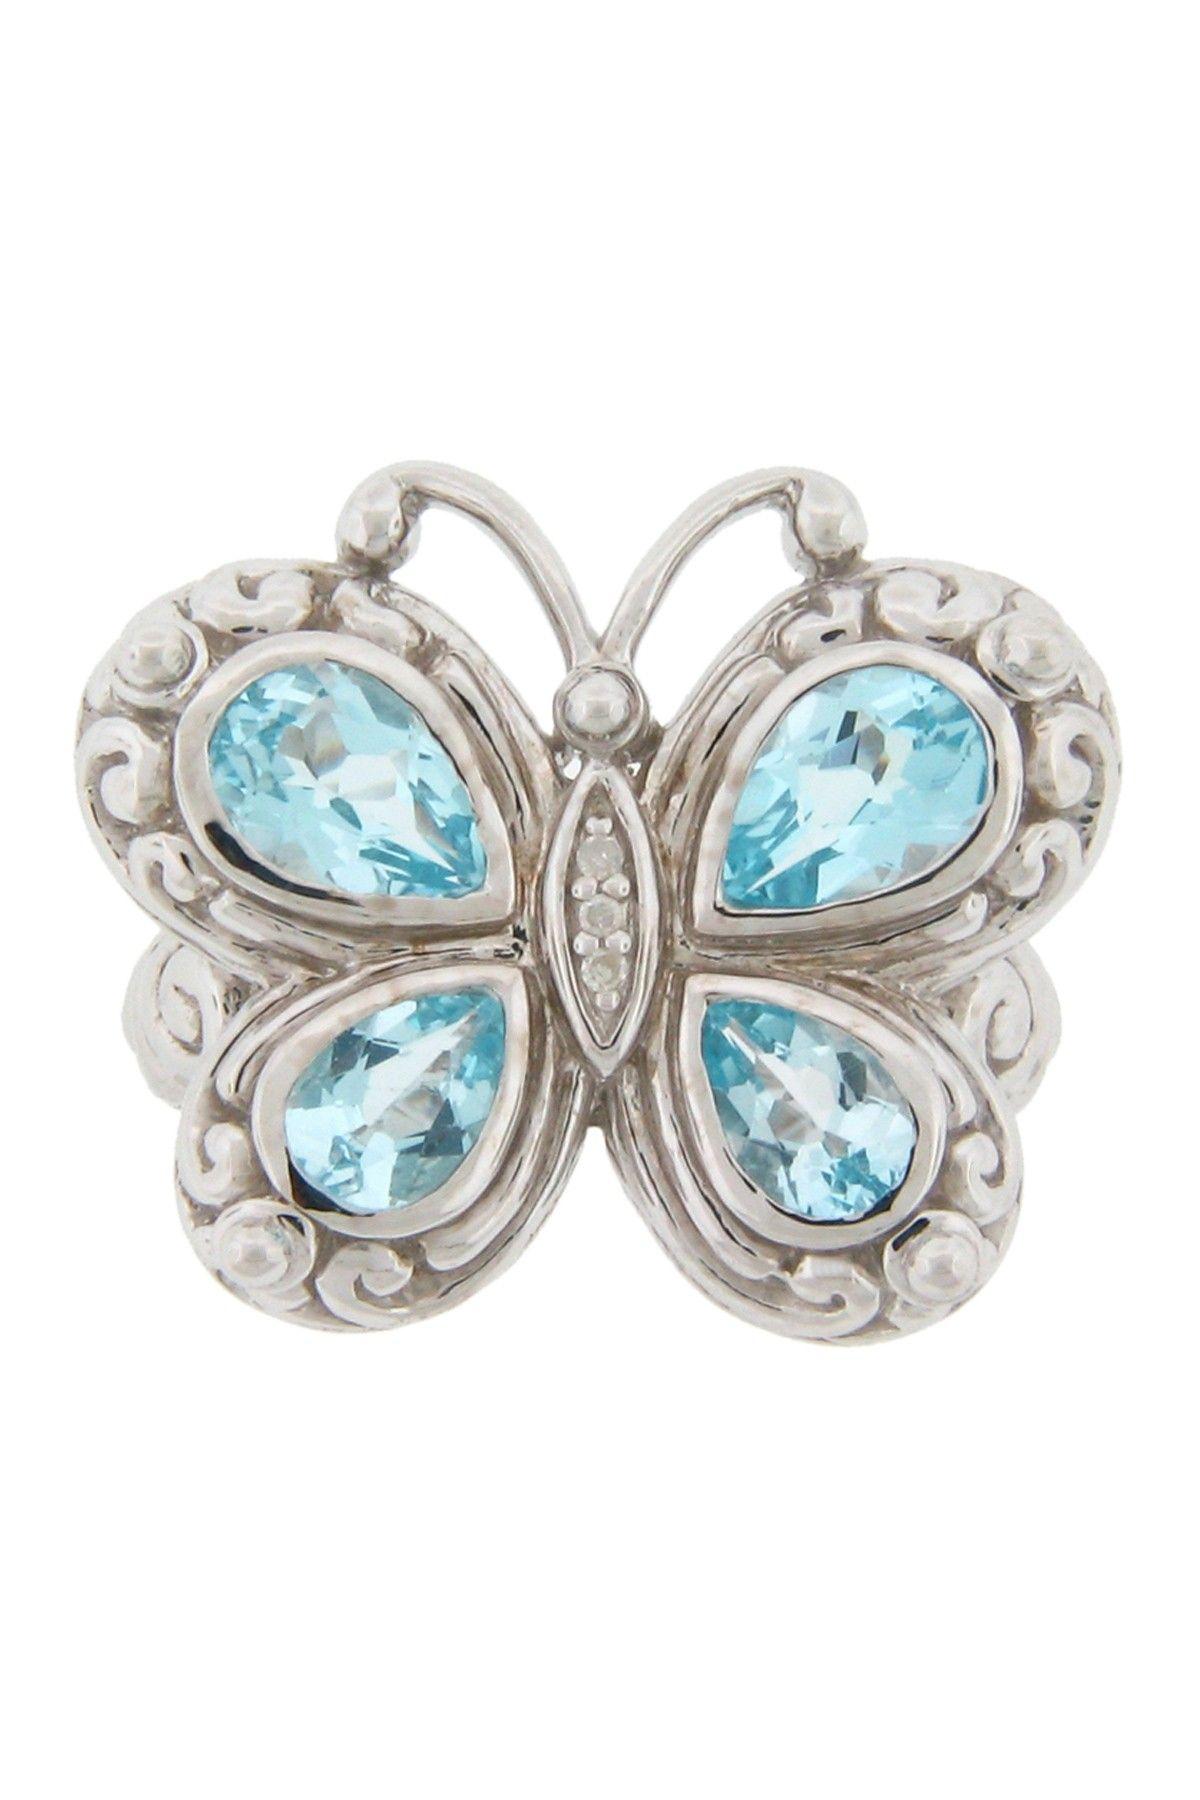 Sterling Silver Blue Topaz & Diamond Butterfly Ring - 0.015 ctw on HauteLook